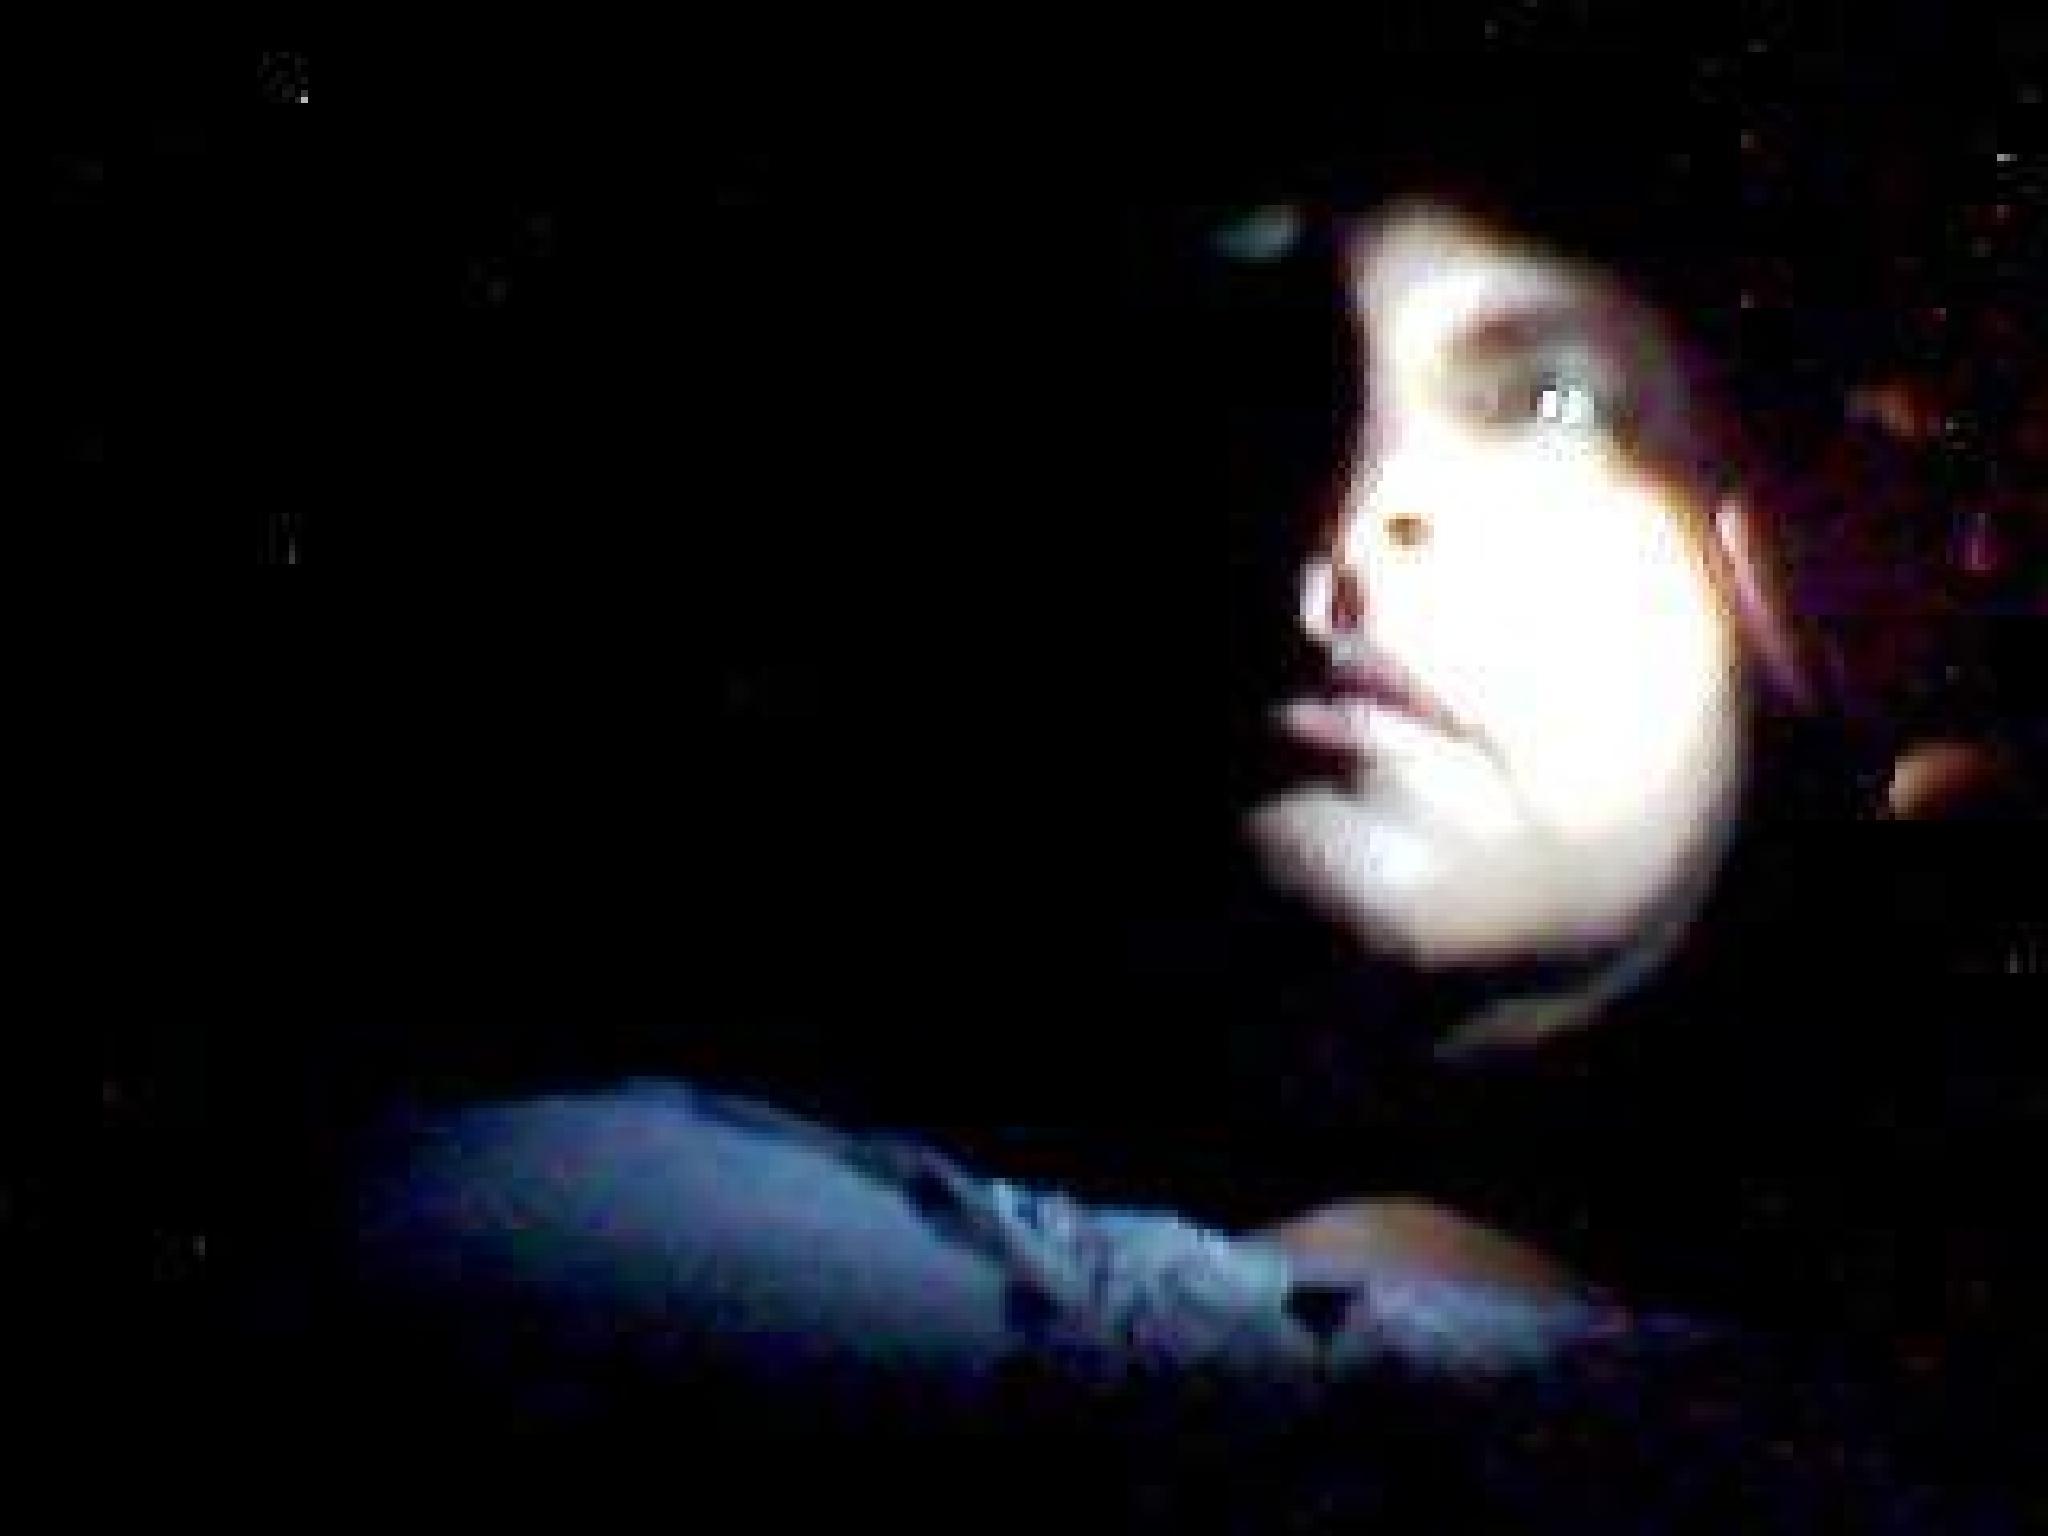 In the Dark by Tirsa Jean Mazariegos